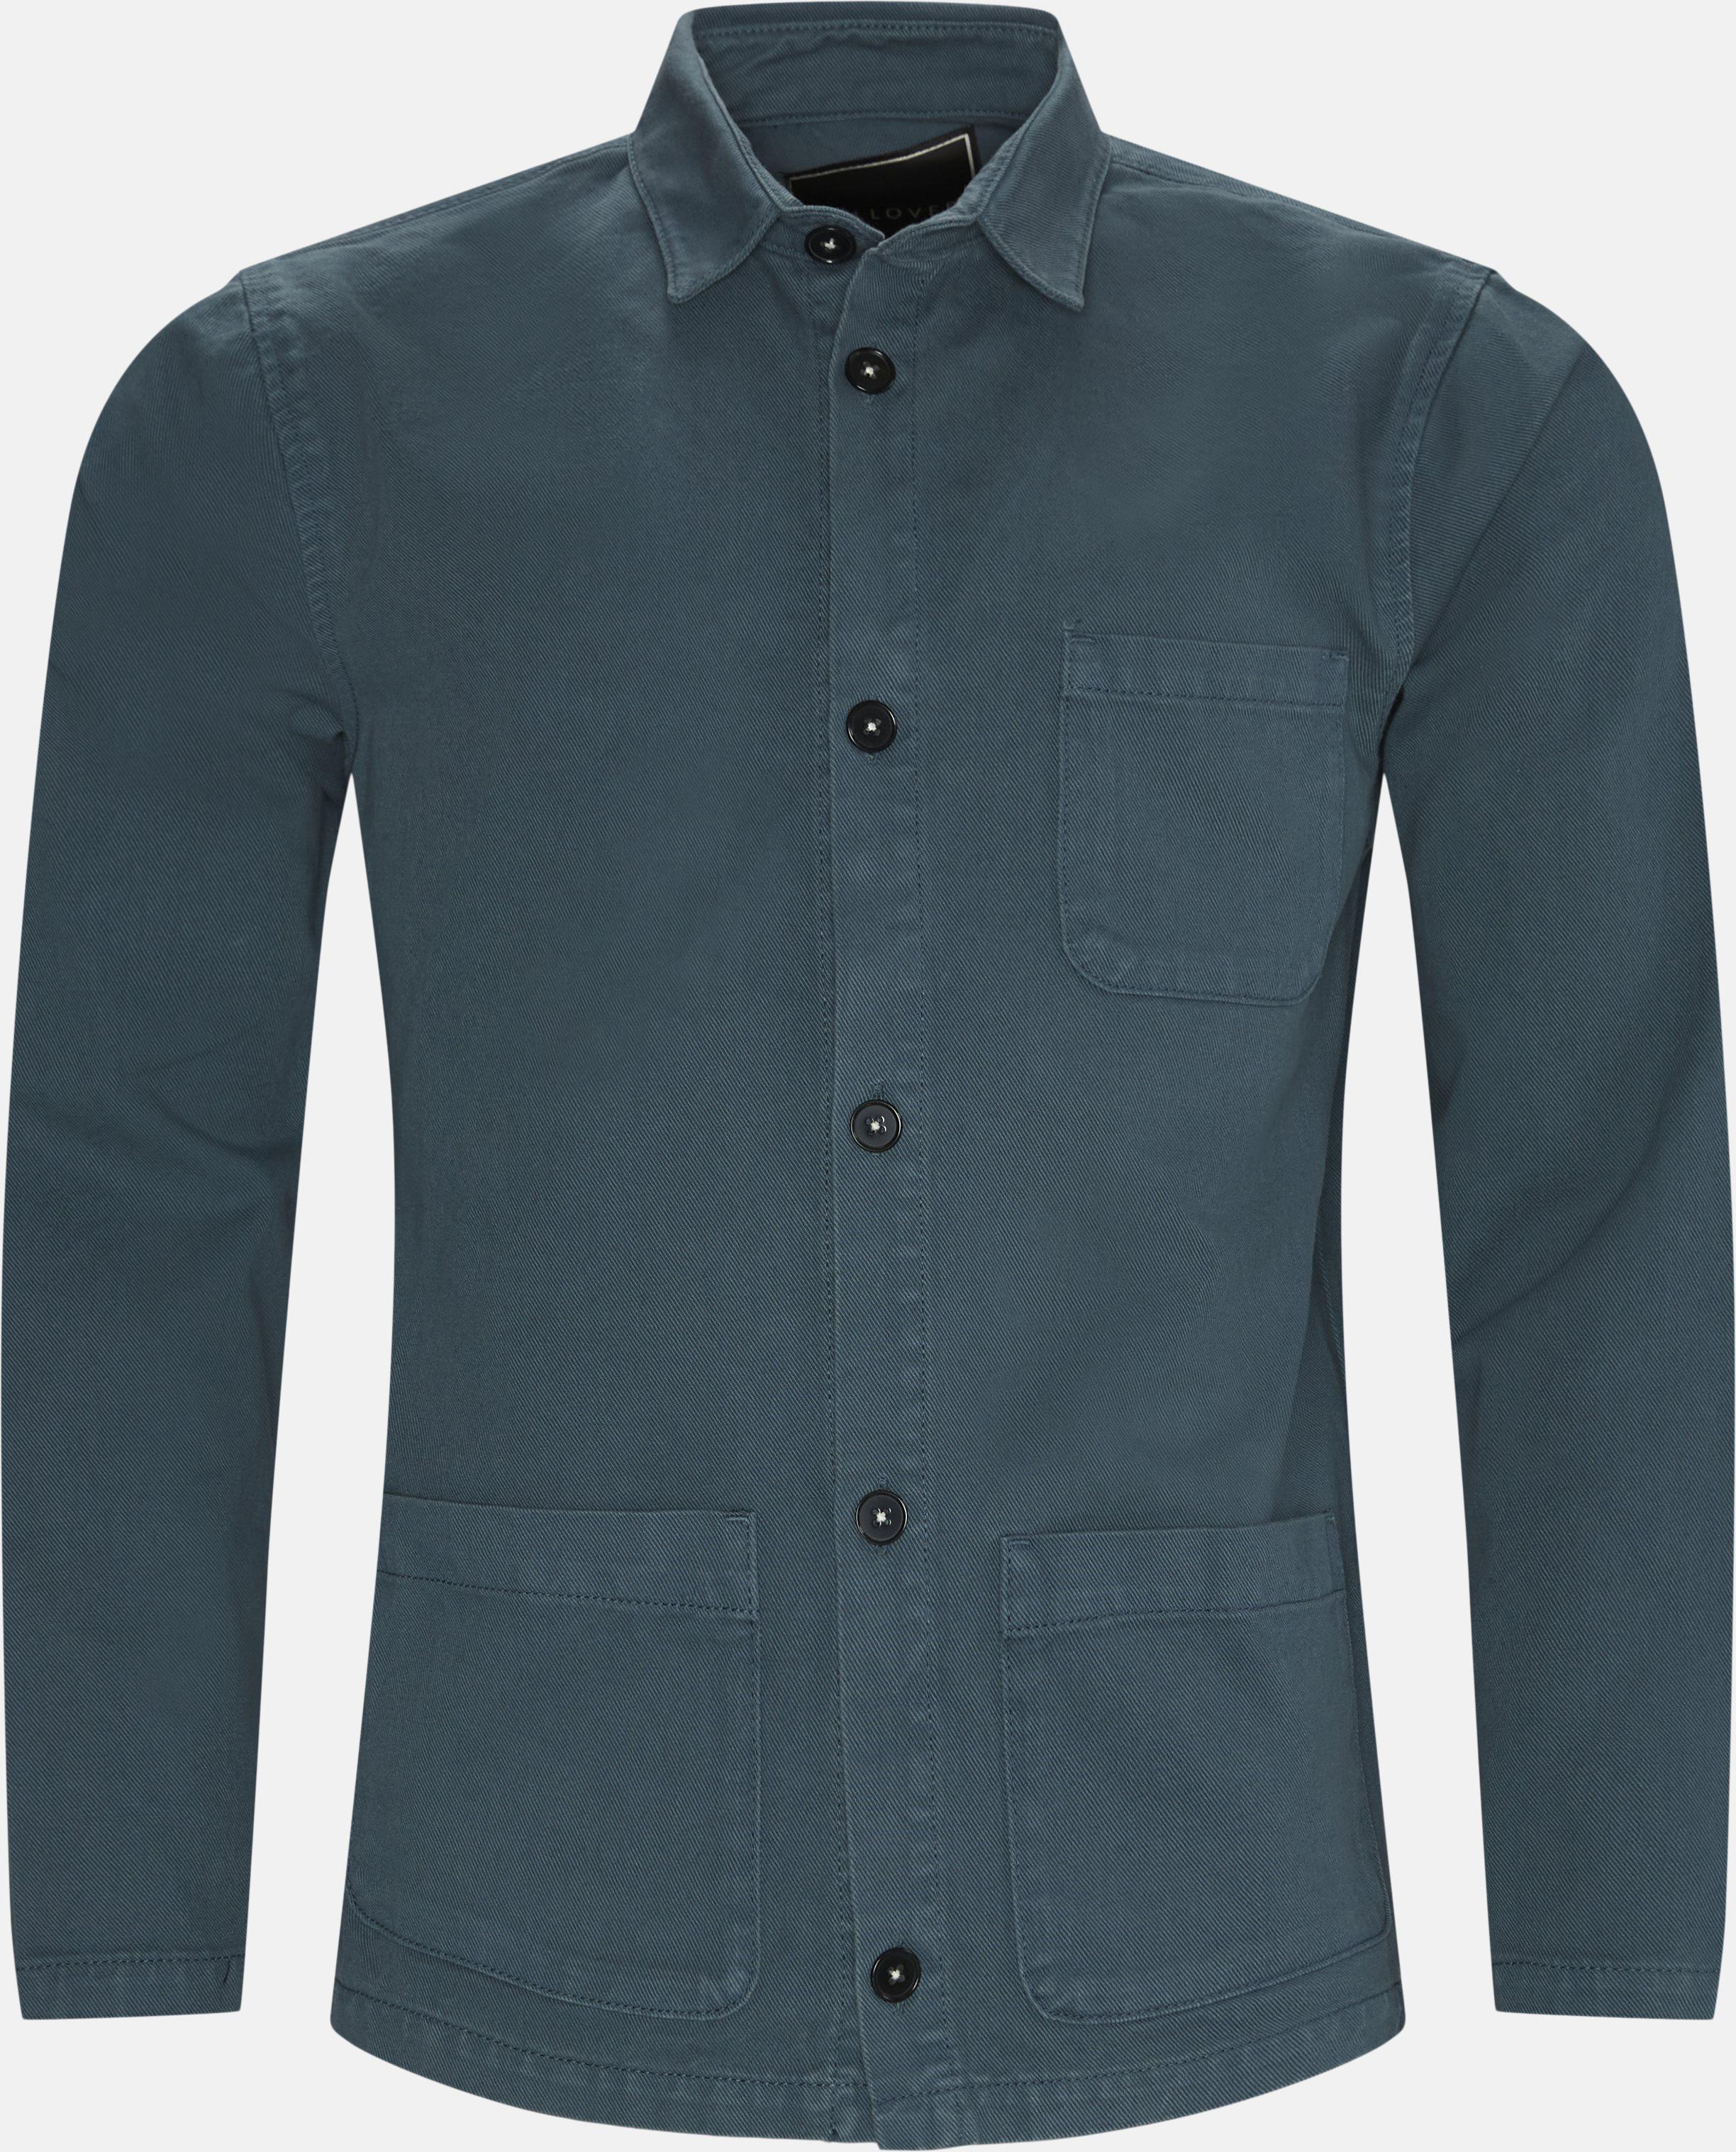 Overshirt  - Skjorter - Regular - Blå